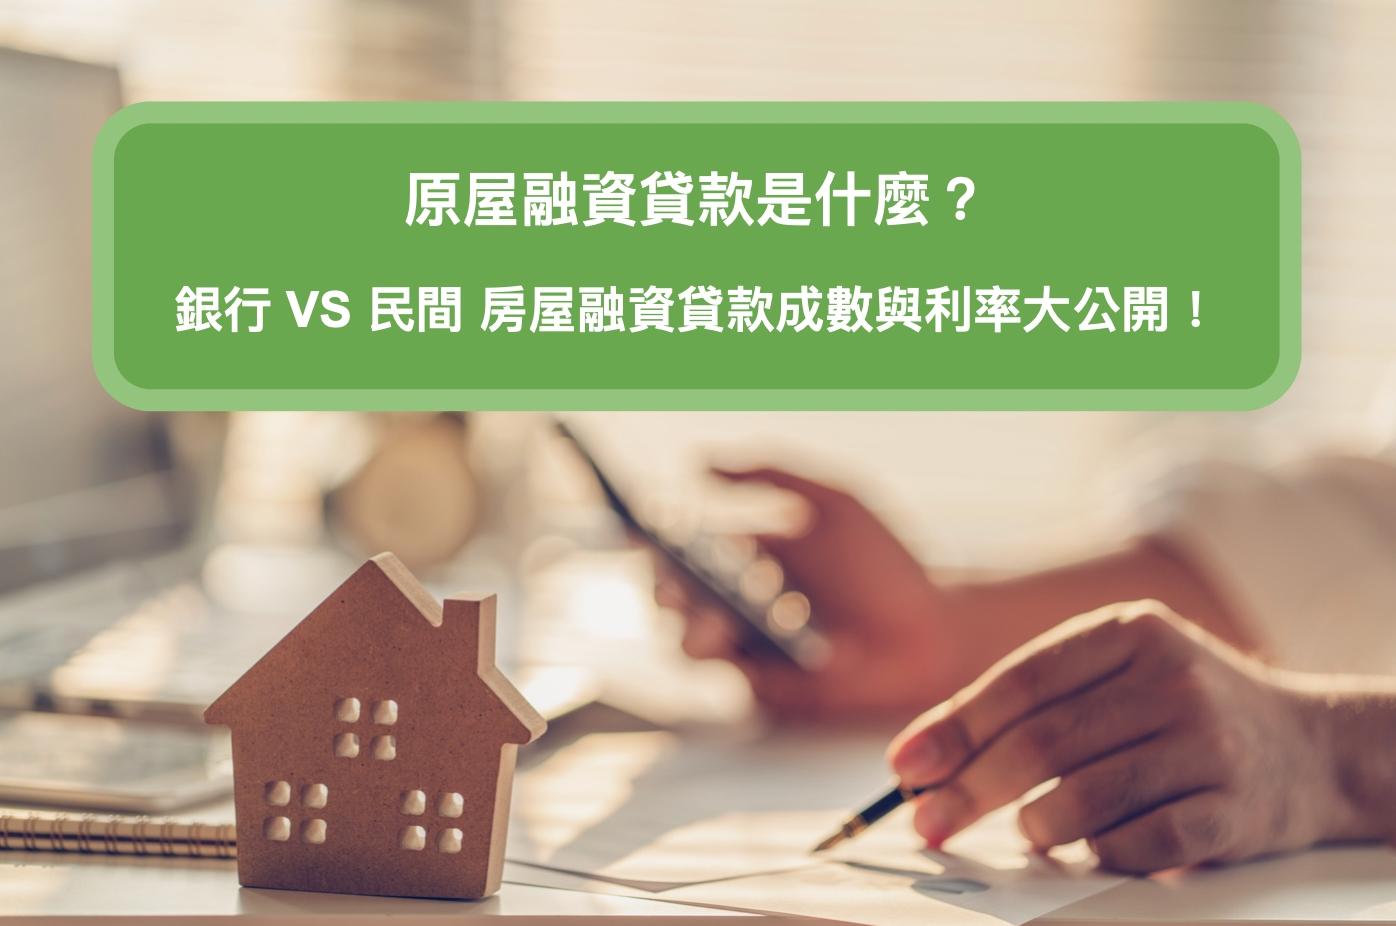 【原屋融資貸款是什麼?】公開比較銀行與民間房屋融資貸款實際成數與利率